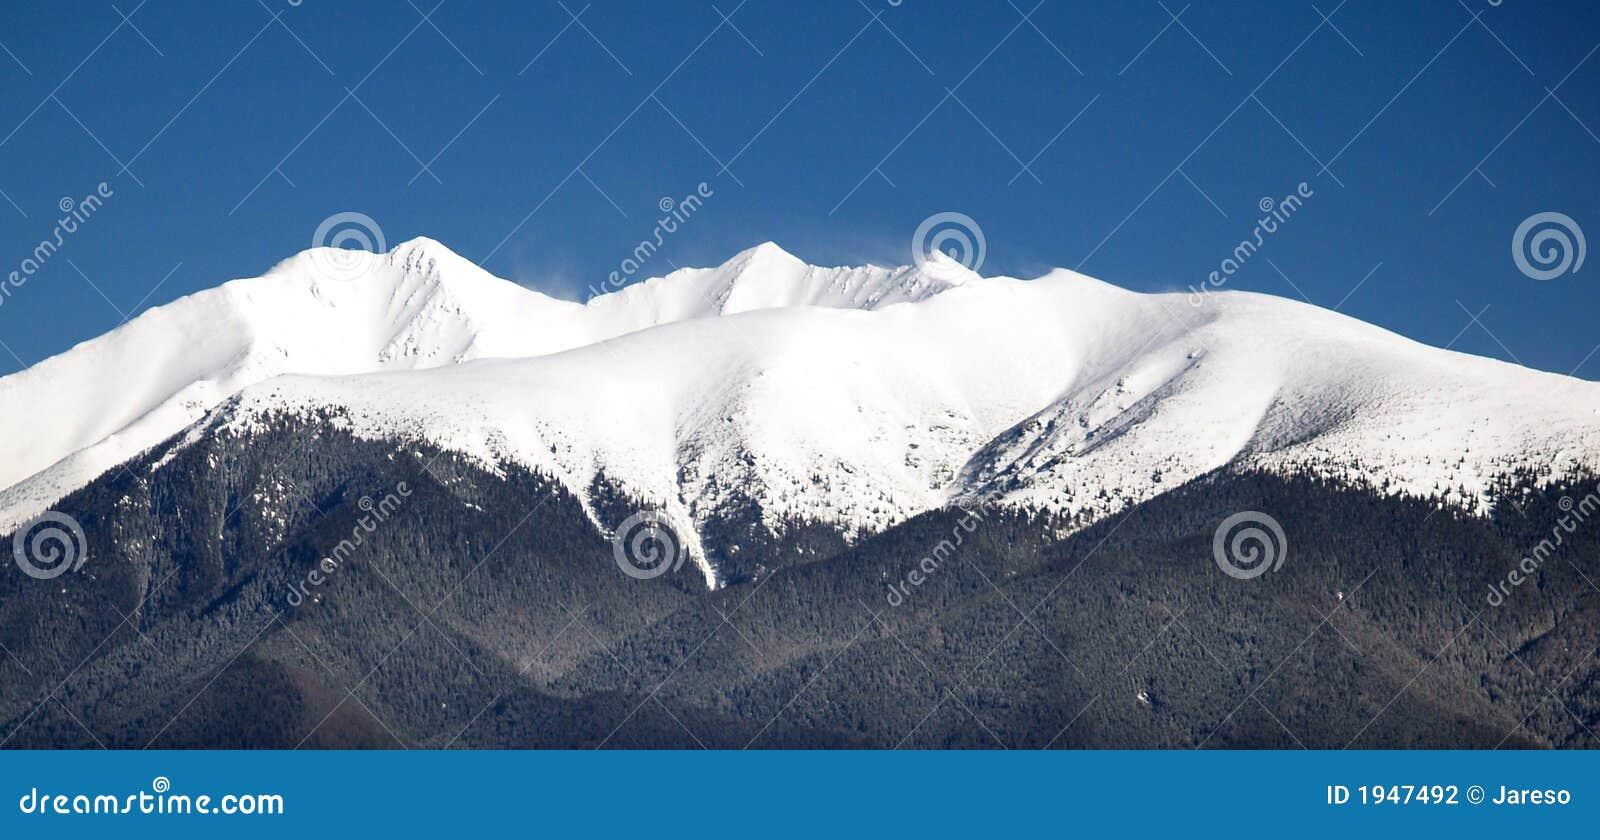 Peak of Rohace mountain